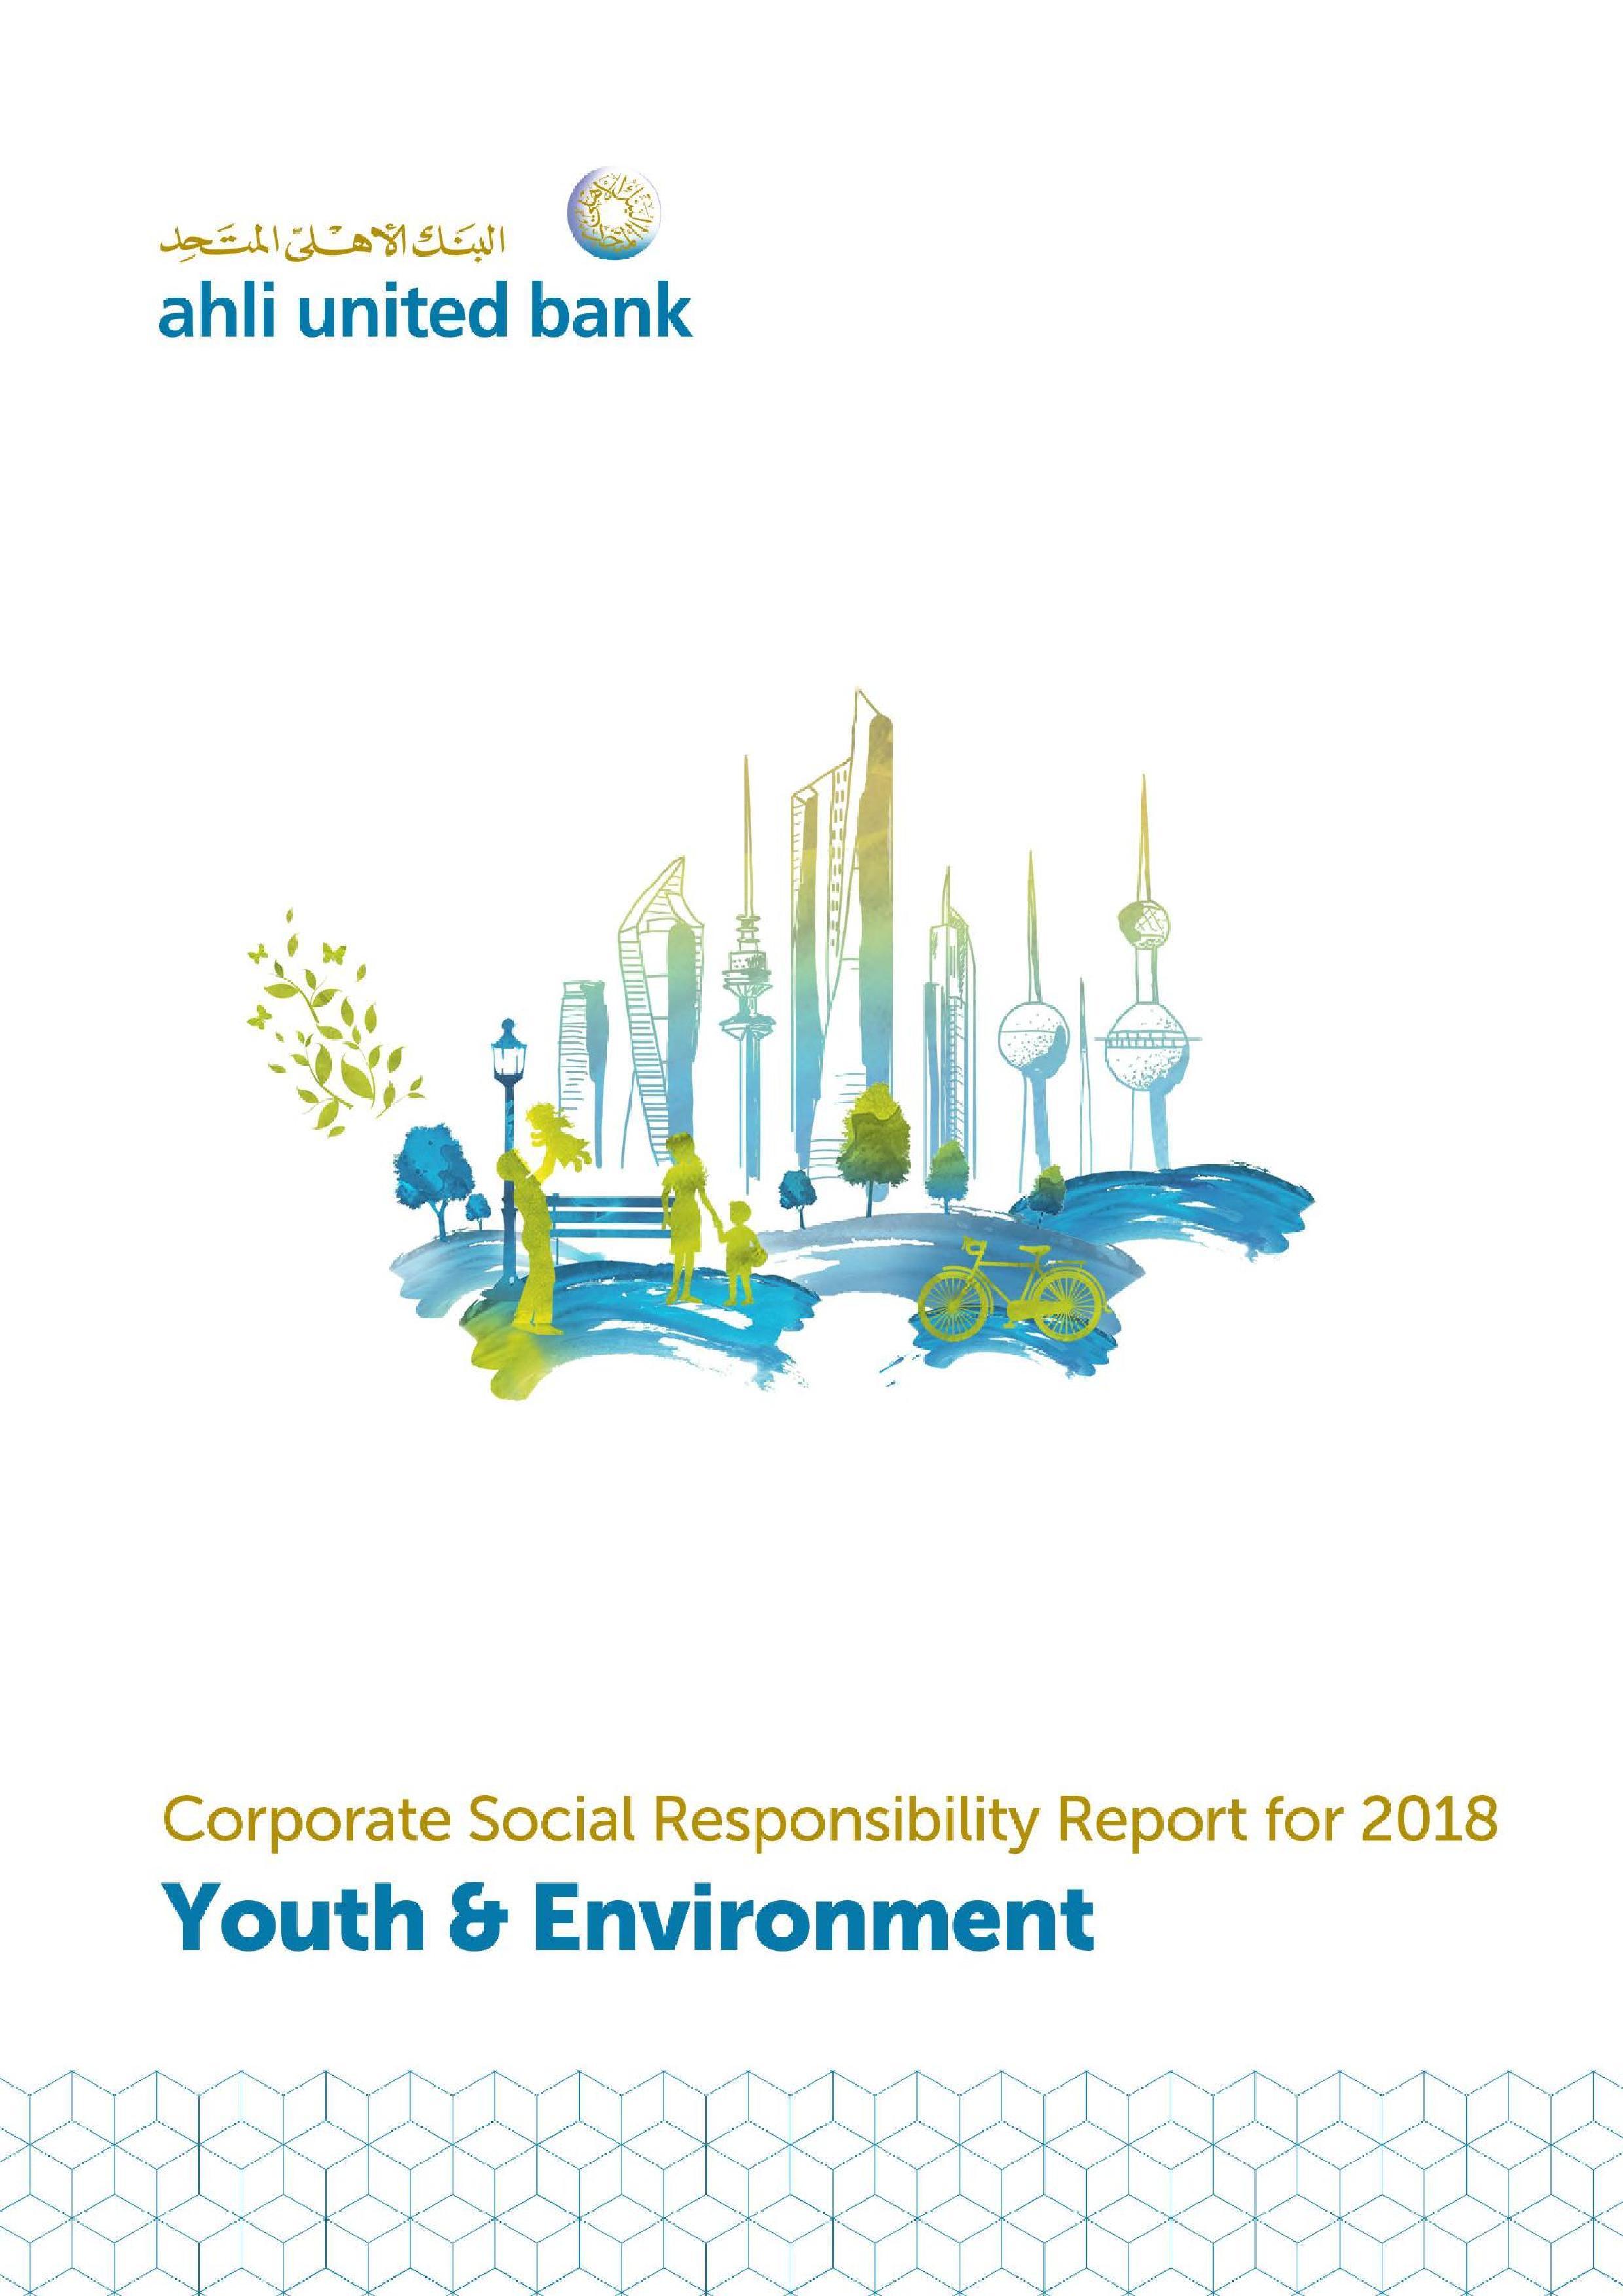 البنك الاهلي المتحد يصدر تقريره السنوي للمسؤولية المجتمعية 2018